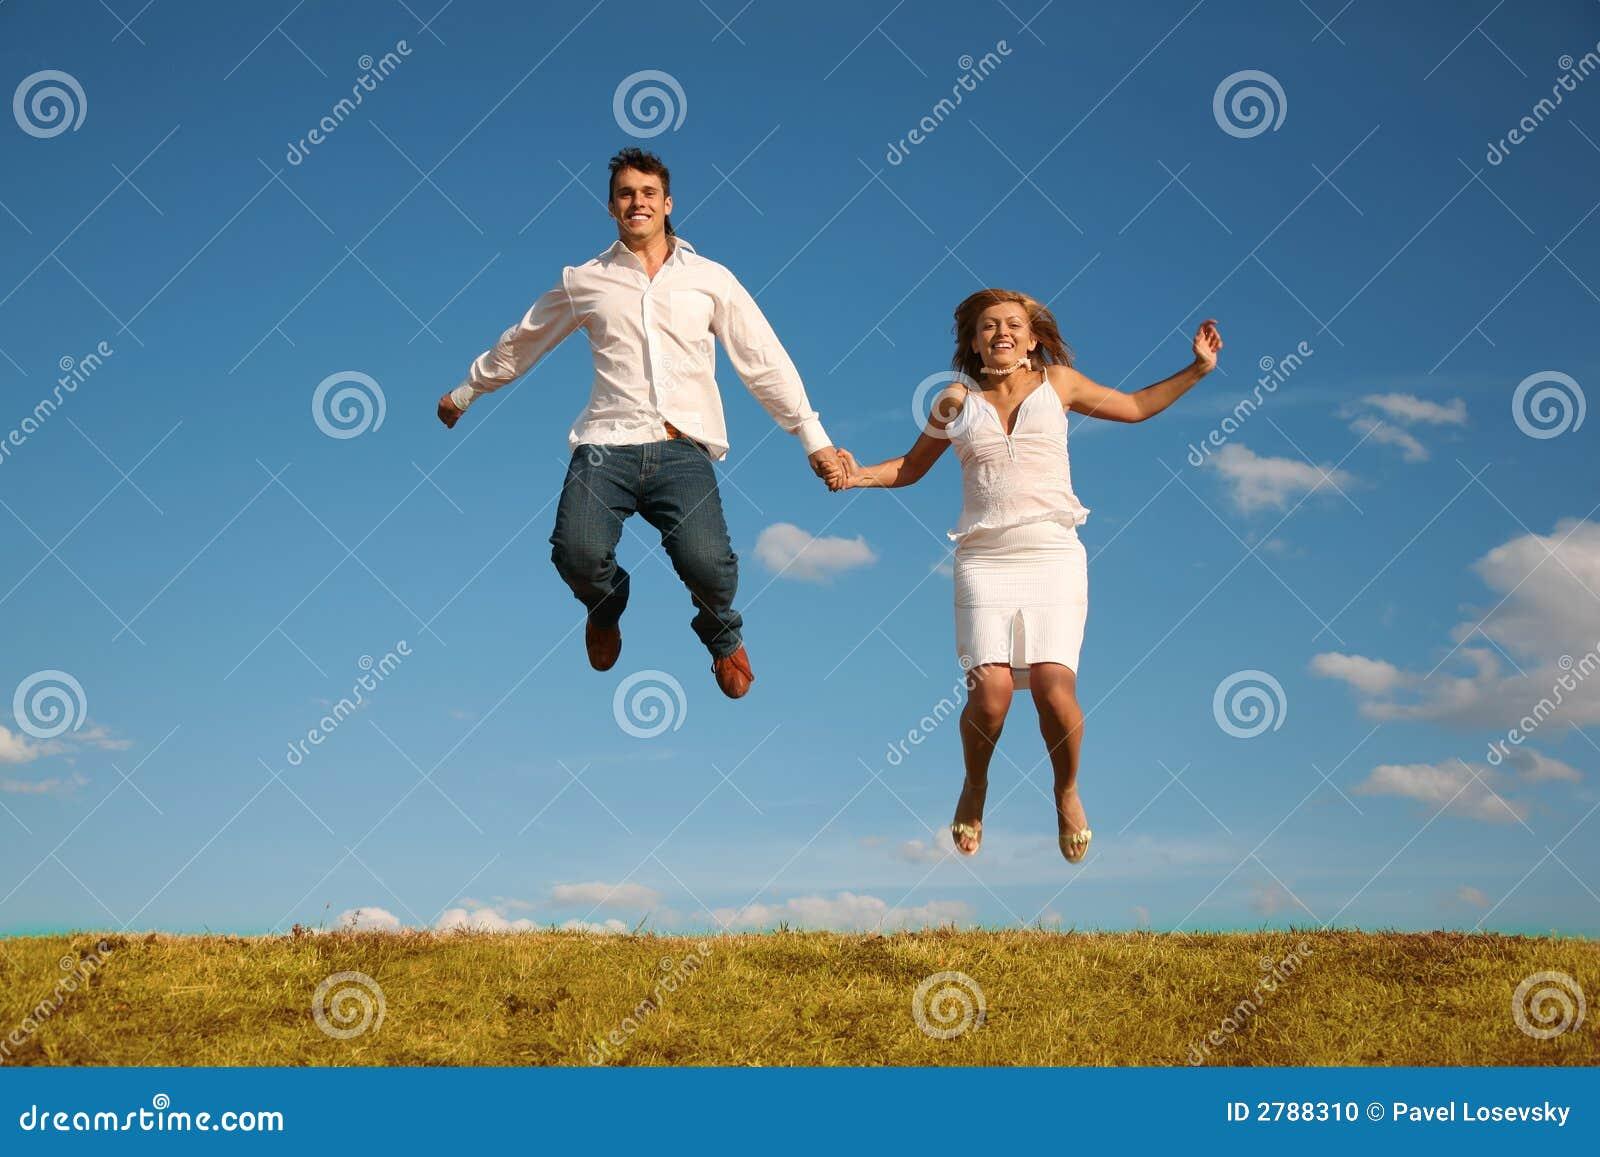 Salto do homem e da mulher